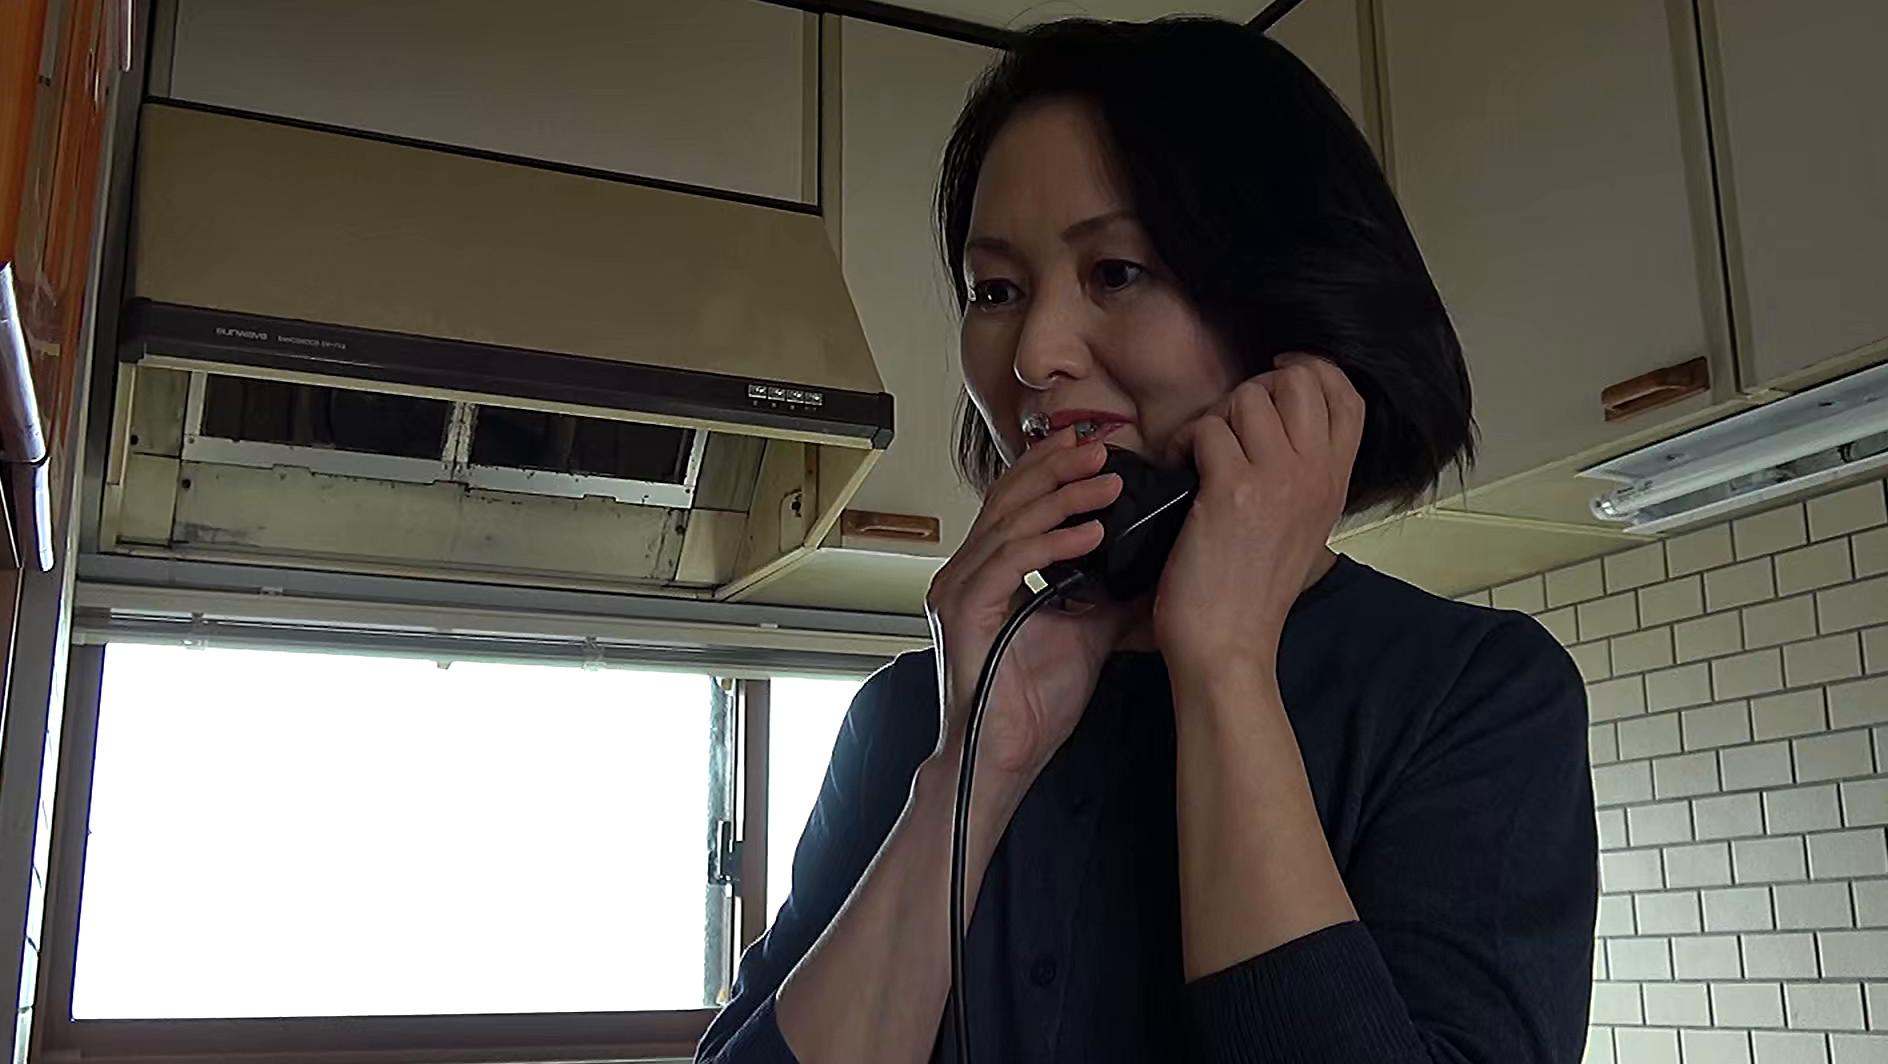 昭和猥褻官能ドラマ 明日、東京に引越しする憧れていた同級生を呼び出して・・・ 心優しい先生は教え子のお父さんに無理やり・・・